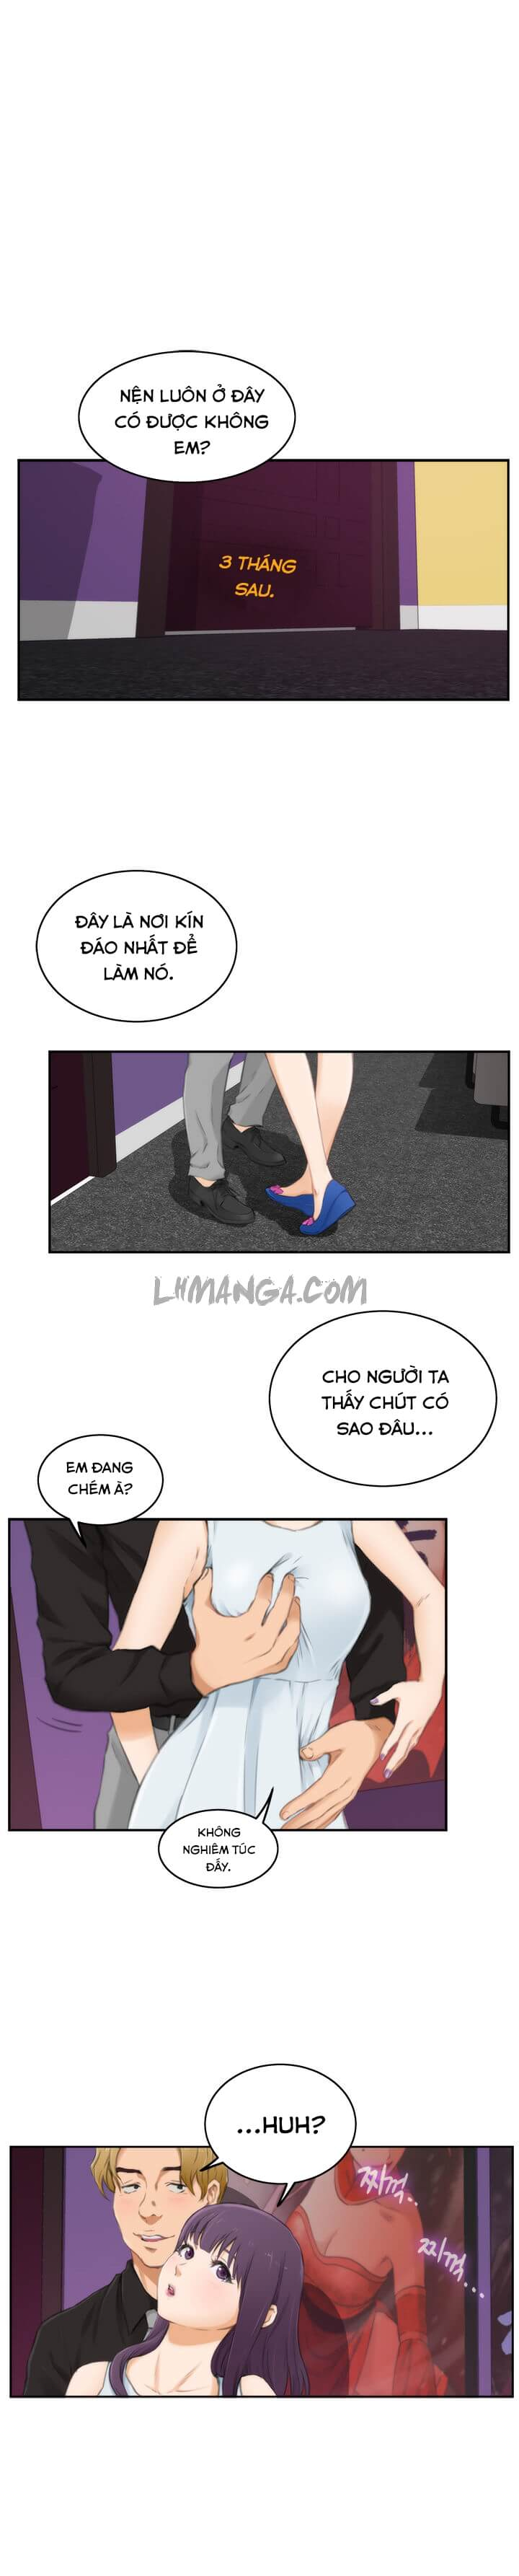 H-Mate Chapter 54 - Trang 2